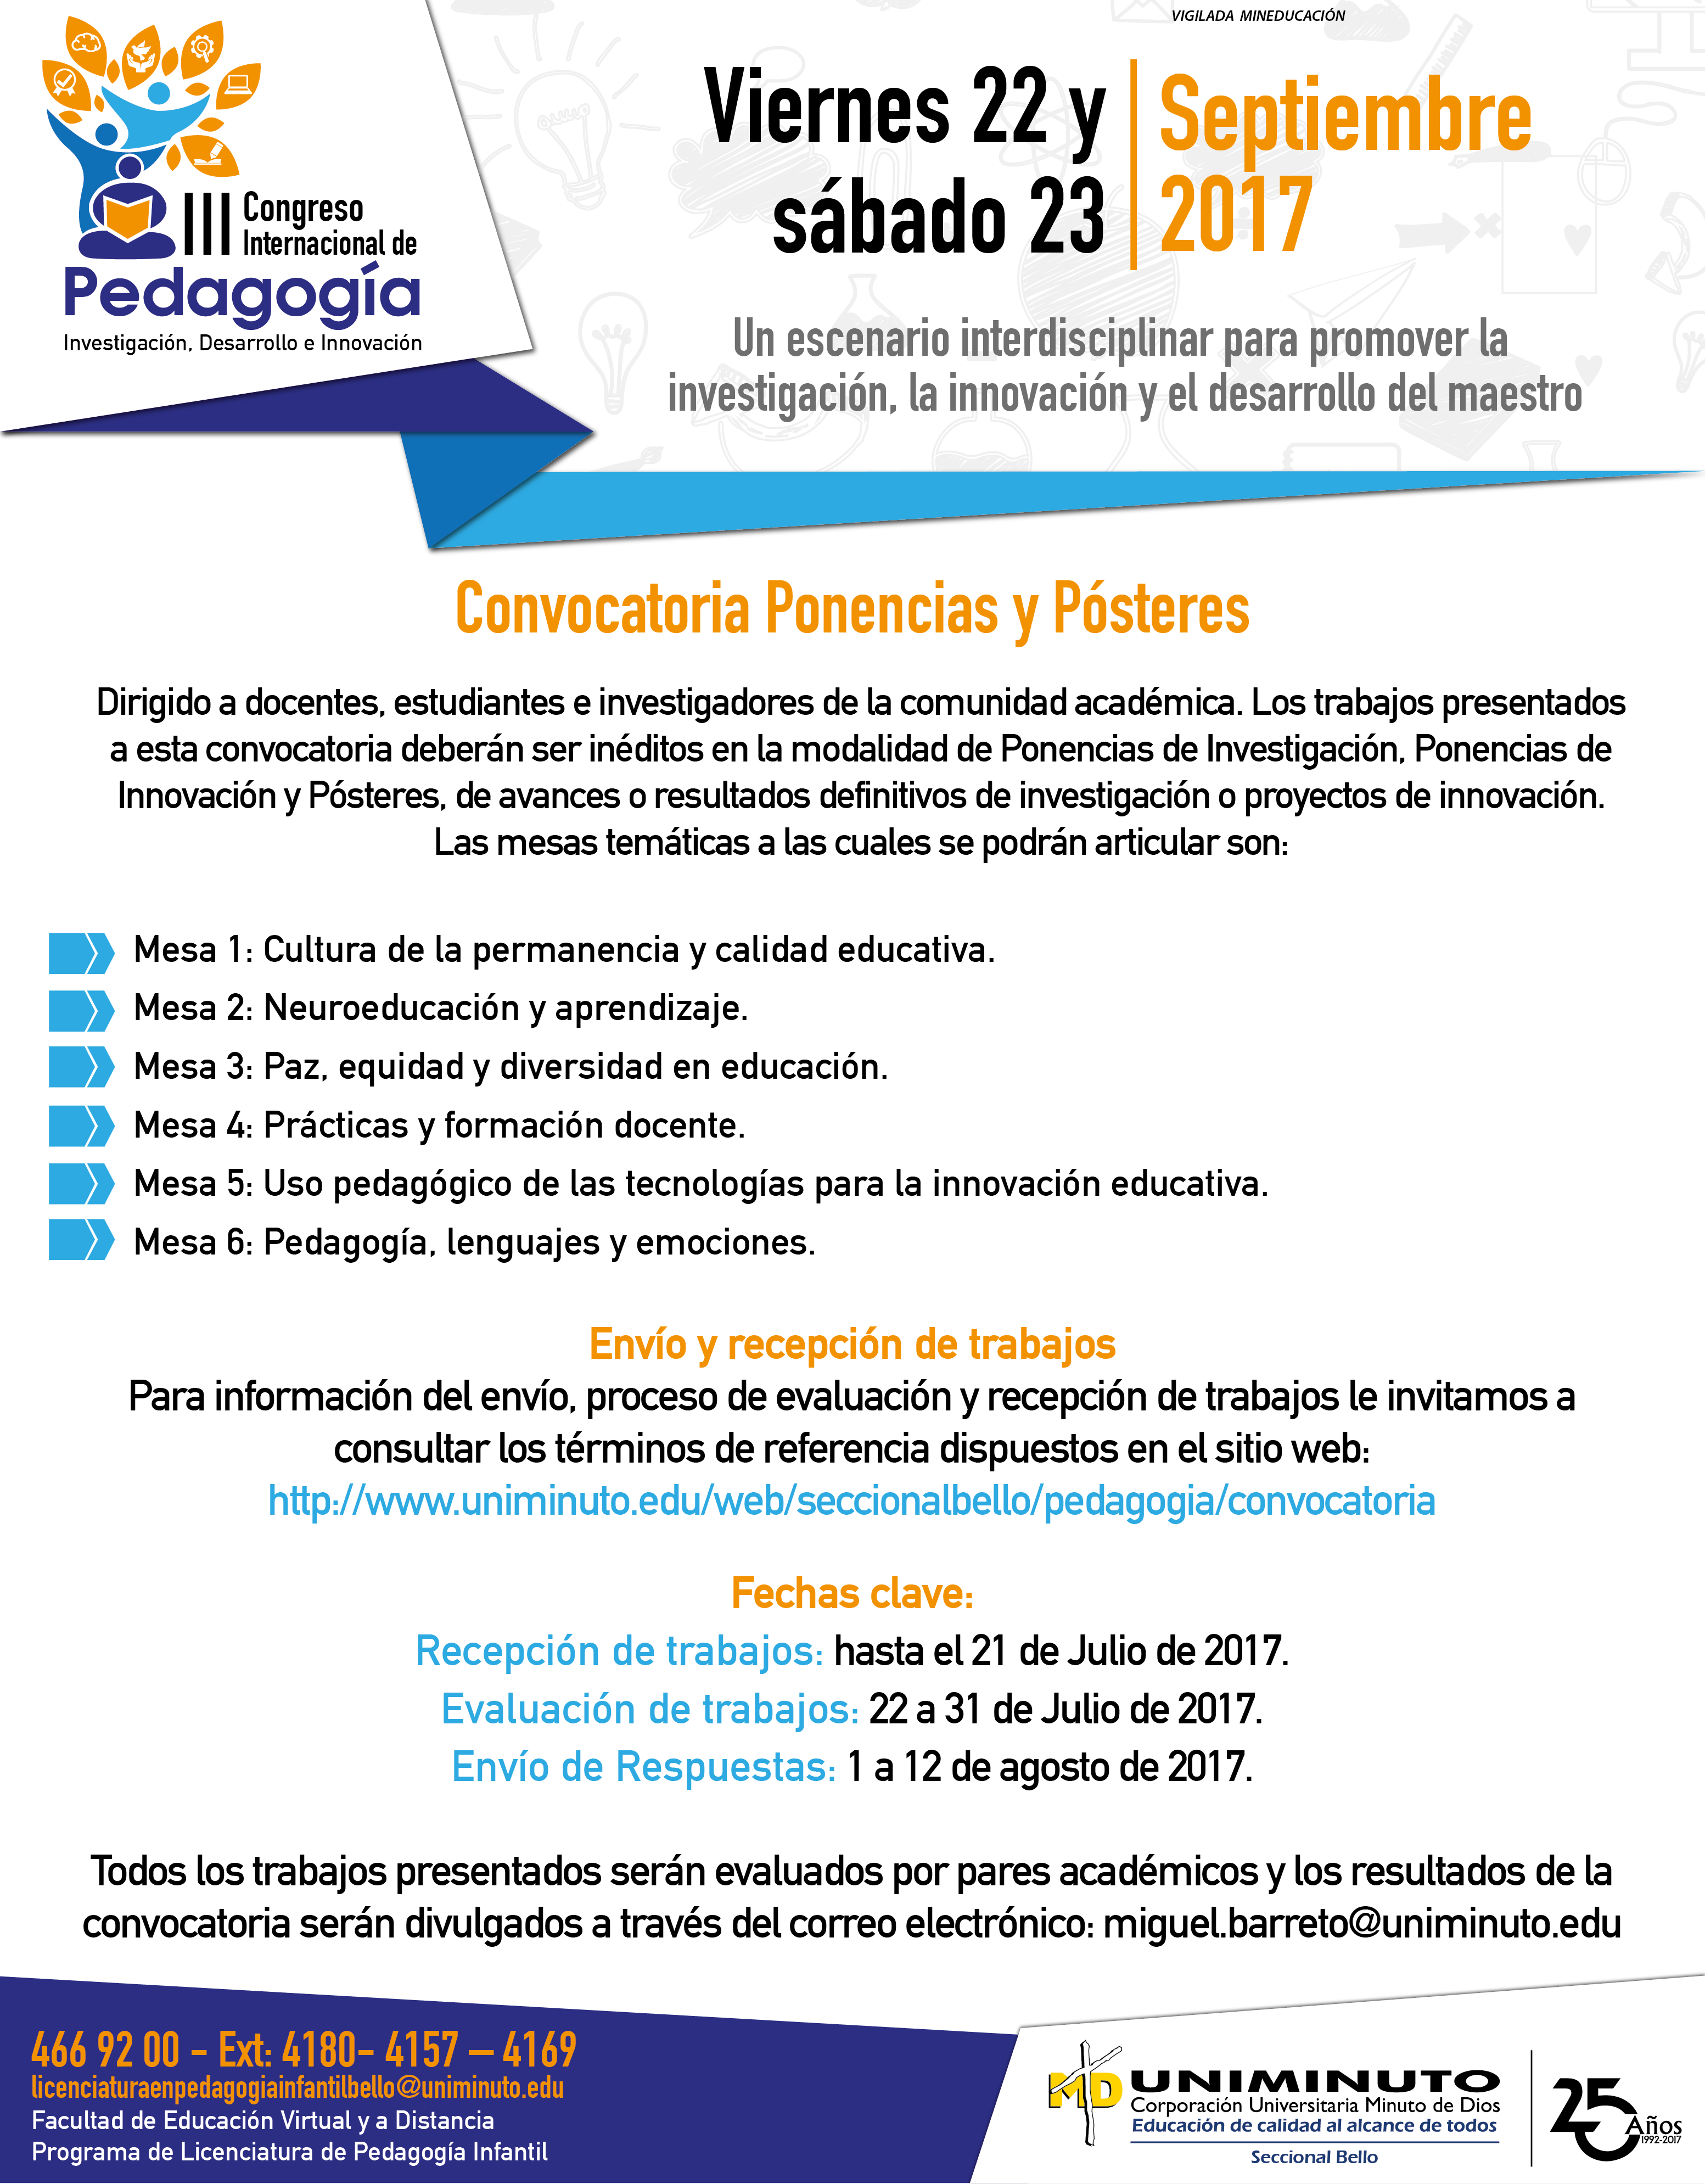 III Congreso Internacional de Pedagogía «Un escenario interdisciplinar para promover la investigación, la innovación y el desarrollo del maestro»